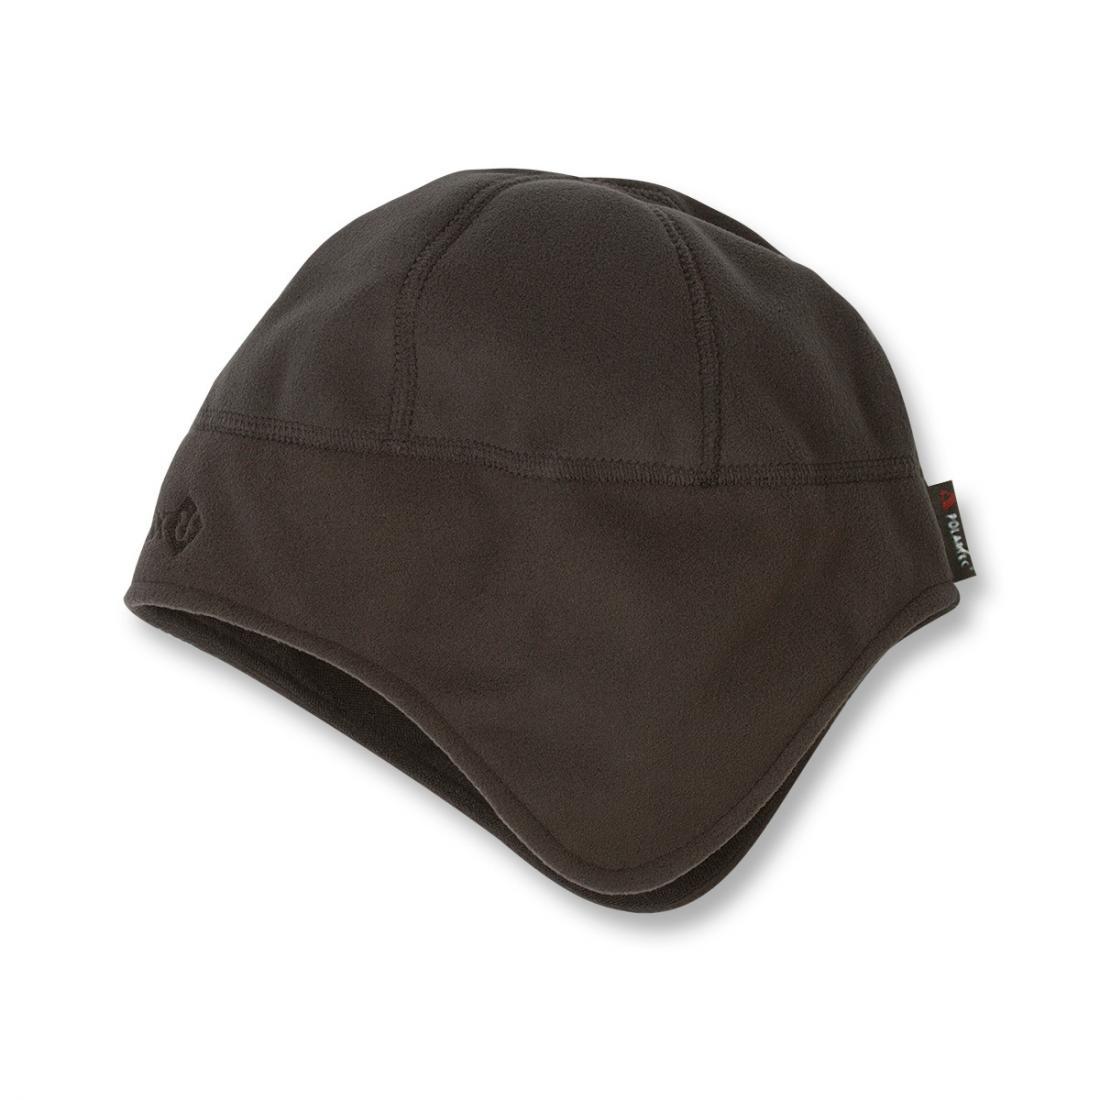 Шапка FiordШапки<br><br> Теплая непродуваемая шапка из материала Polartec®Windbloc®.<br><br><br> Основные характеристики<br><br><br>облегающий анатомический крой<br>особенный дизайн для дополнительной защиты ушей<br><br> Особенности<br><br>&lt;...<br><br>Цвет: Черный<br>Размер: 58